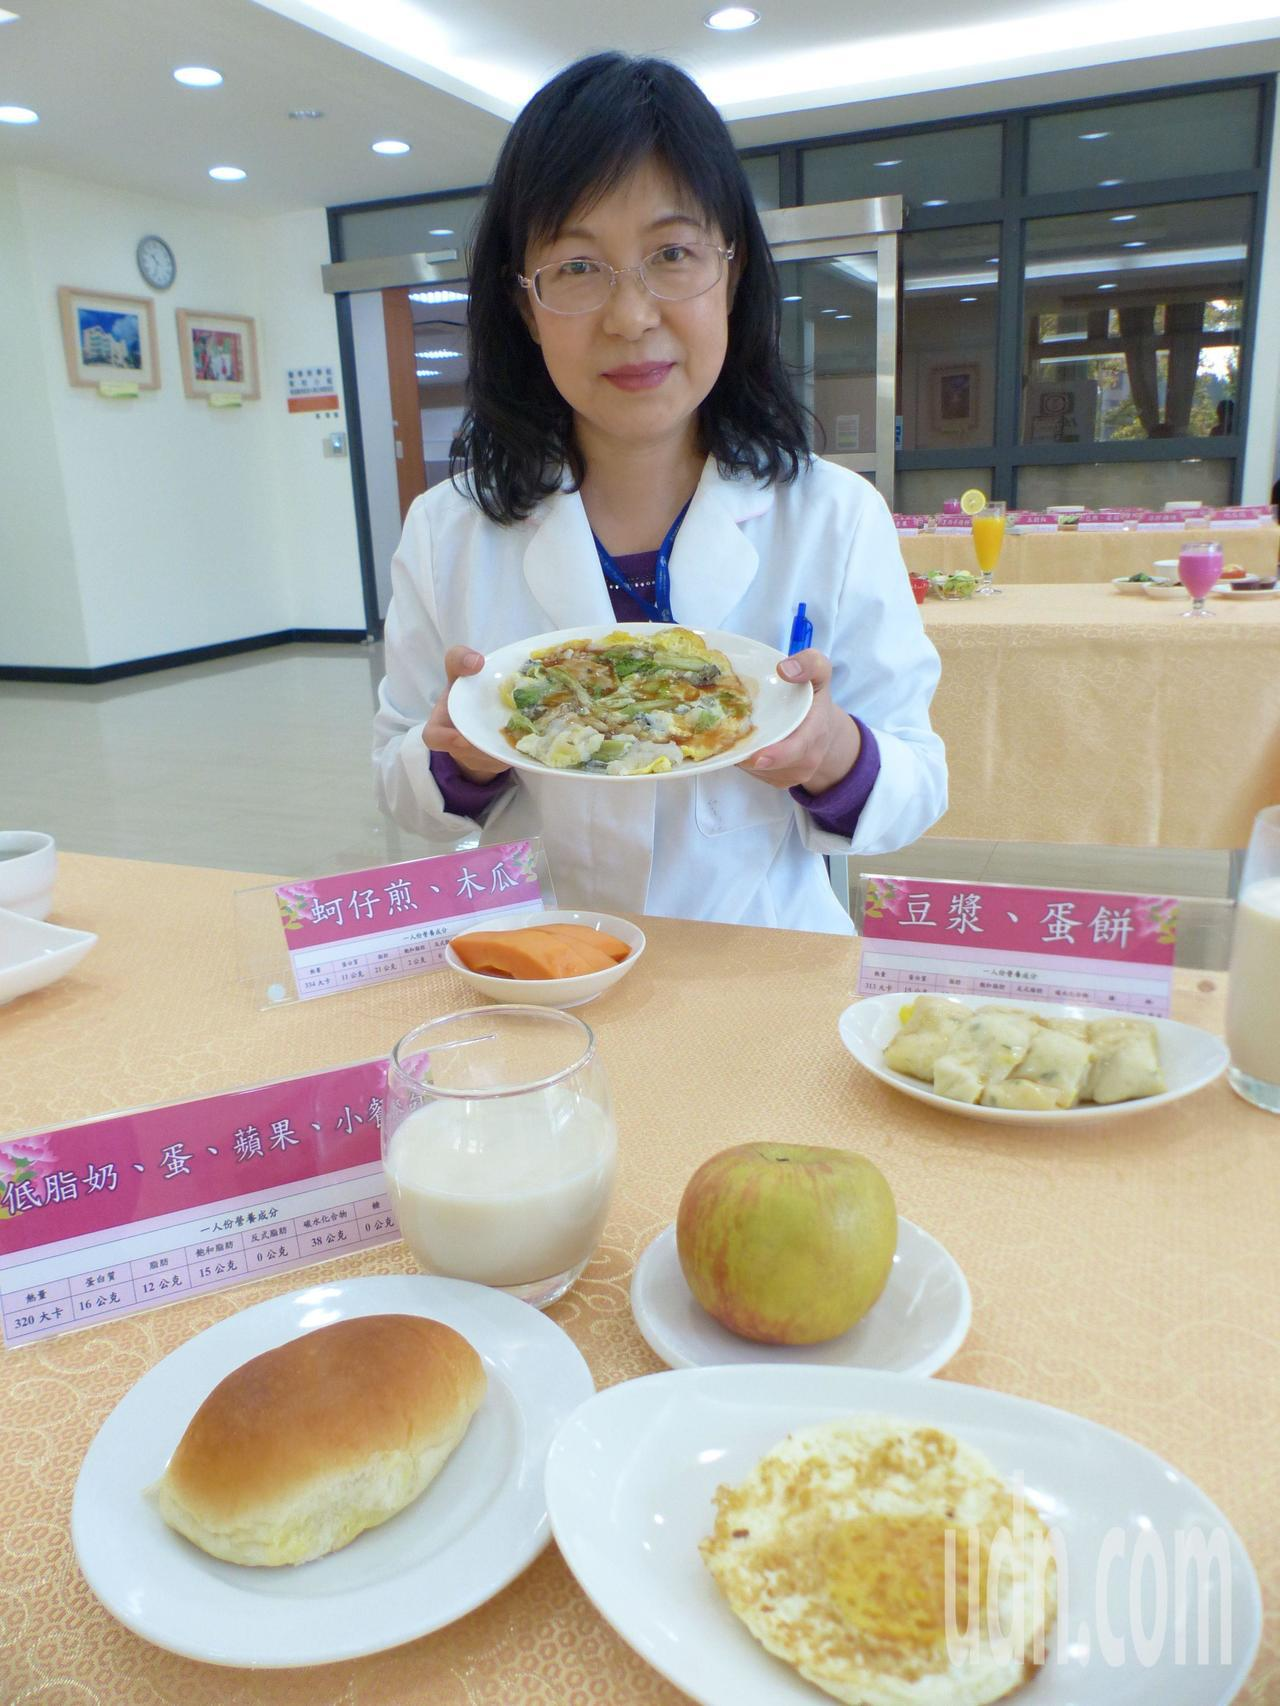 營養師王文宏建議,懷孕4個月起,1天可增加一份蚵仔煎和木瓜,或蛋餅加豆漿,或低脂...